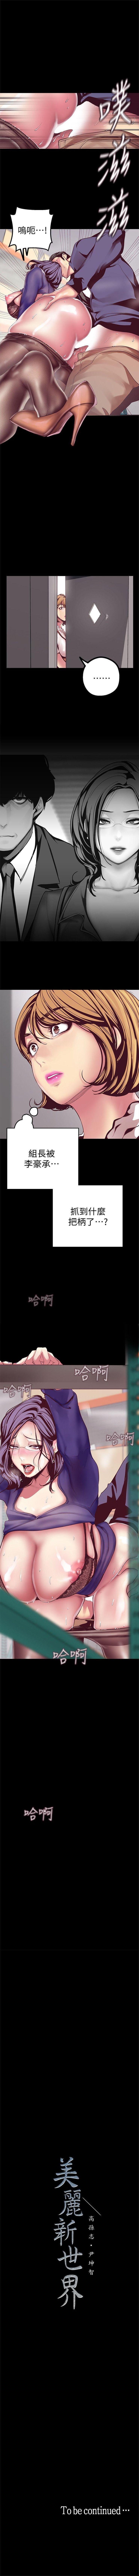 (週1)美麗新世界 1-76 中文翻譯 (更新中) 153